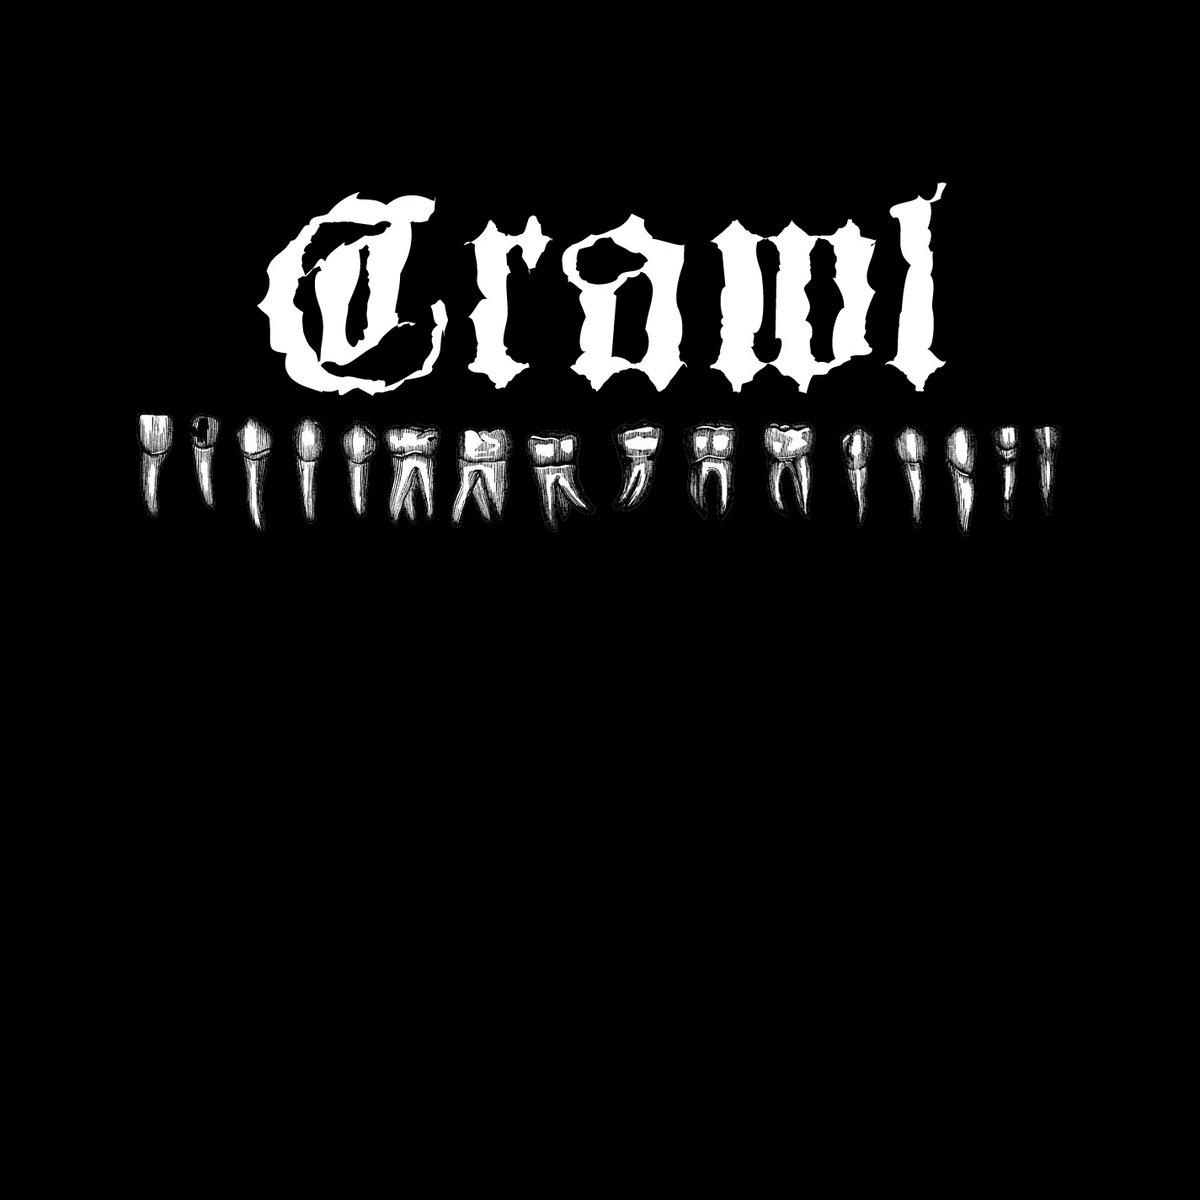 Crawl - Crawl